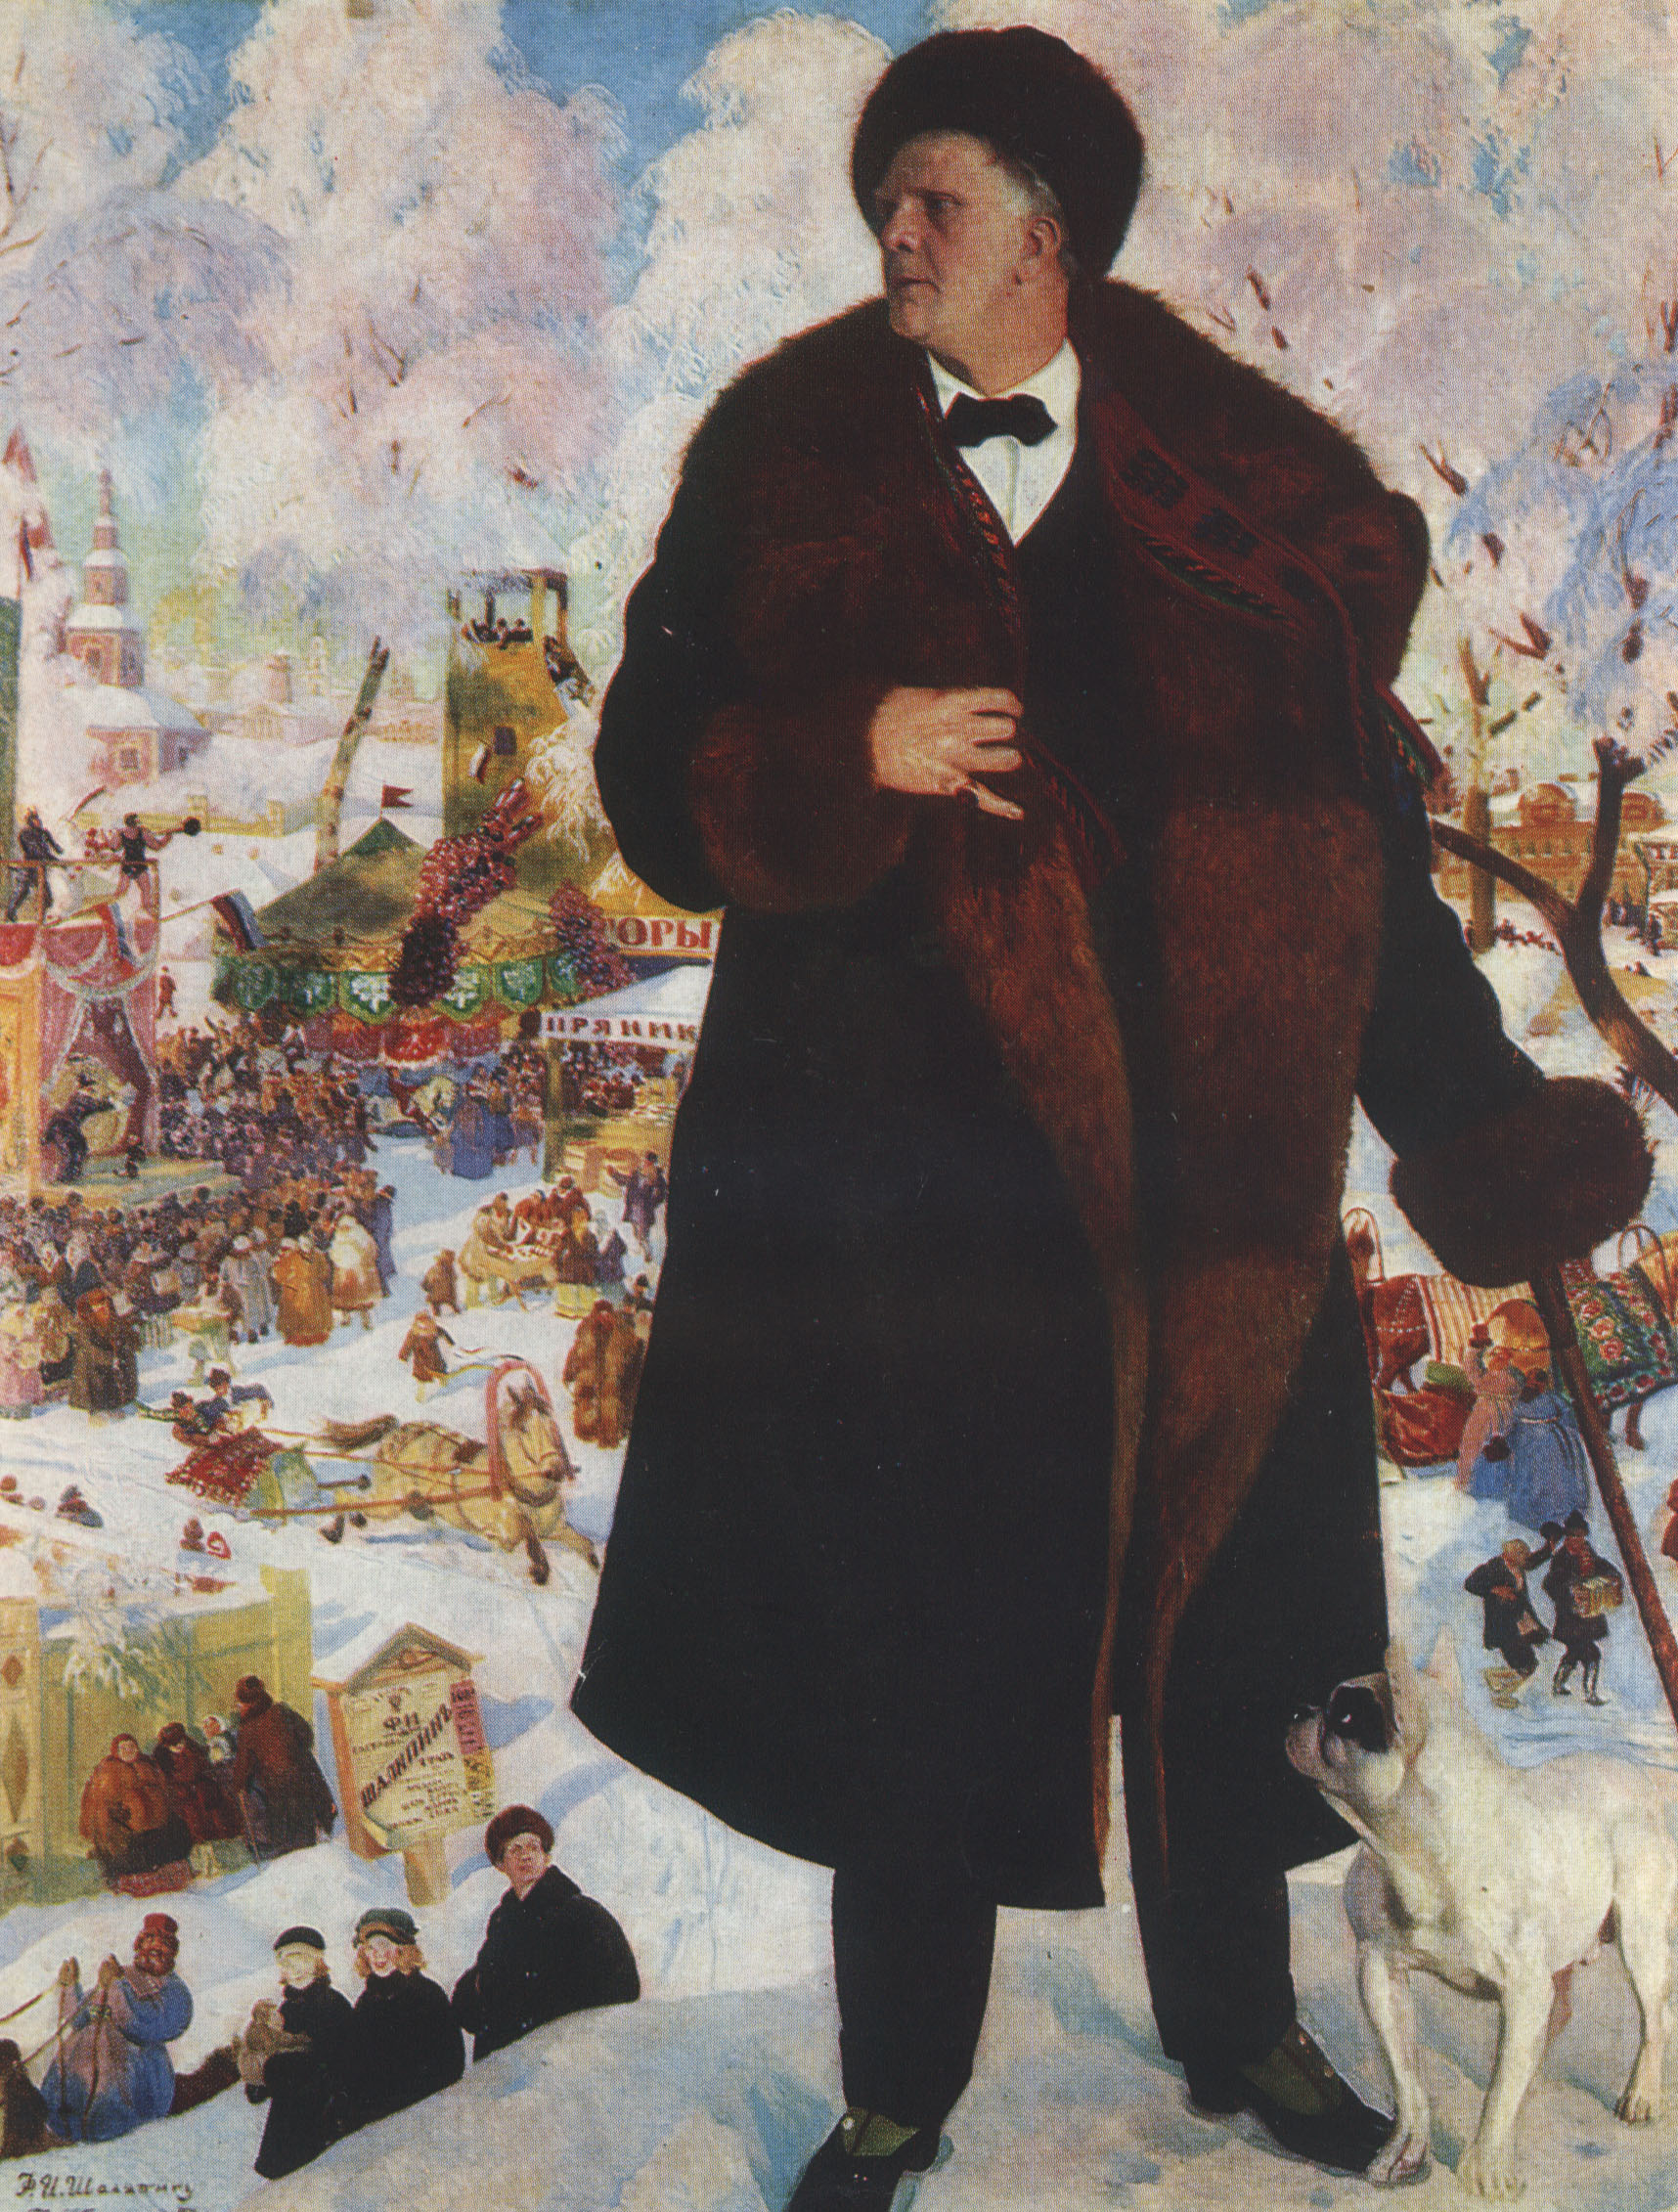 В Челябинск прибудет знаменитый портрет Шаляпина кисти известного театрального художника Бориса Кустодиева